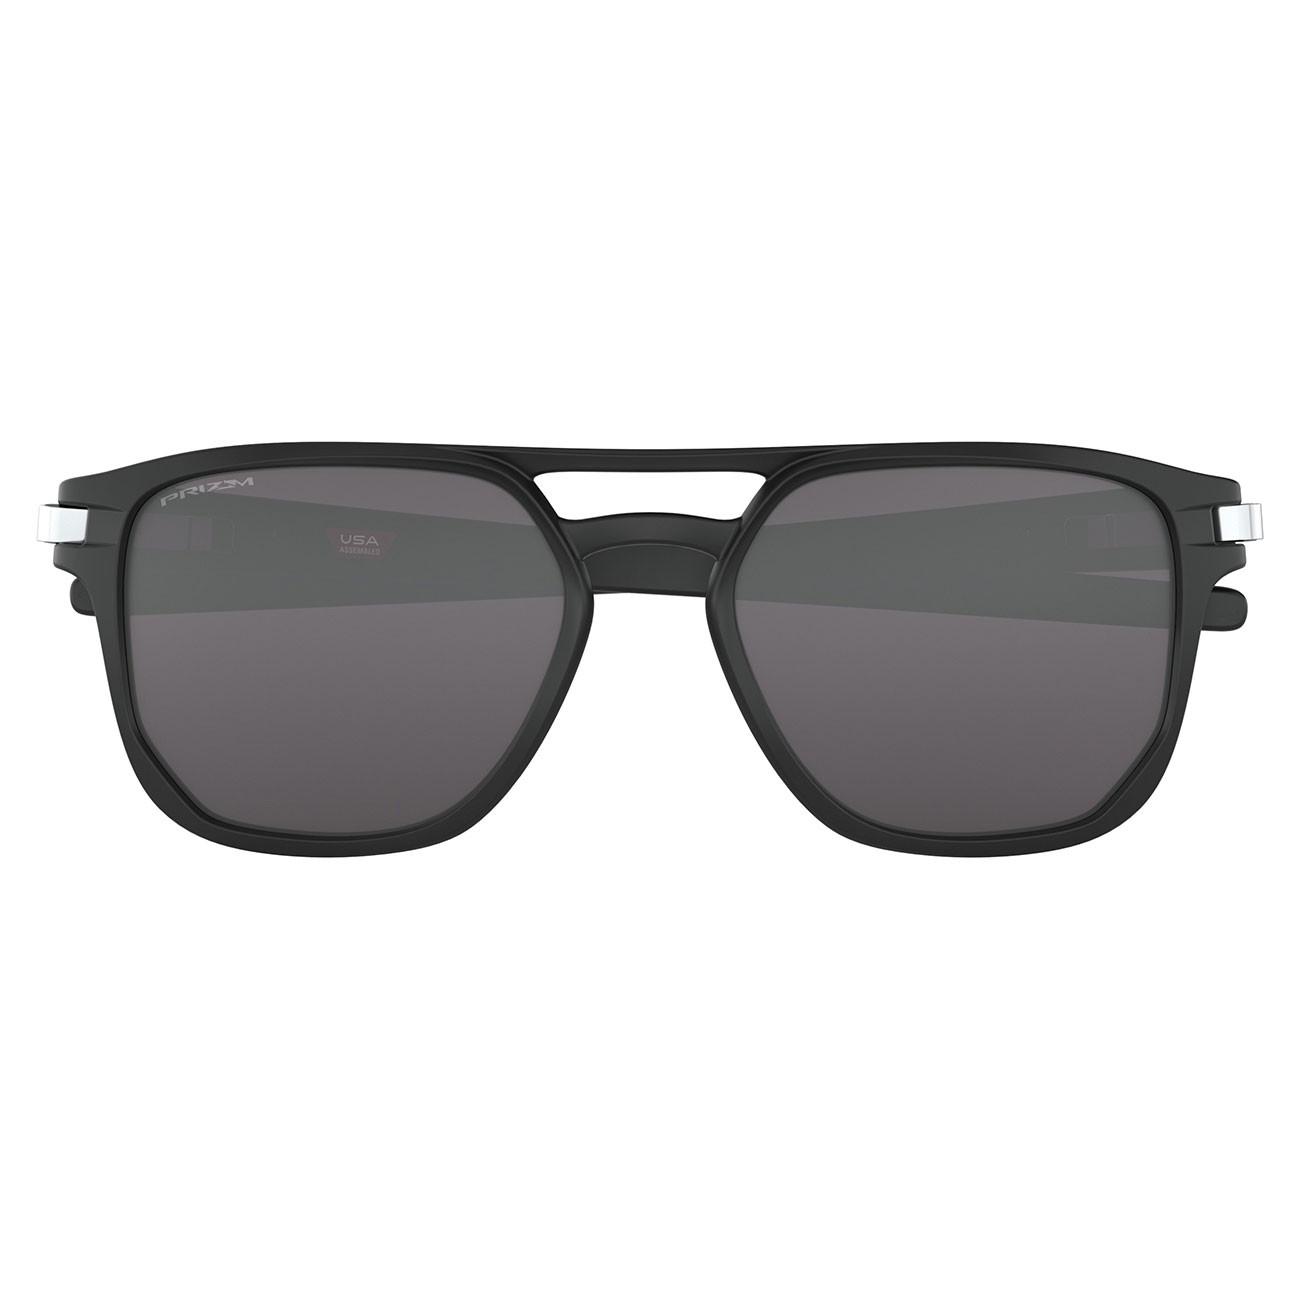 969c72e2ea0 Sunglasses Oakley Latch Beta matte black